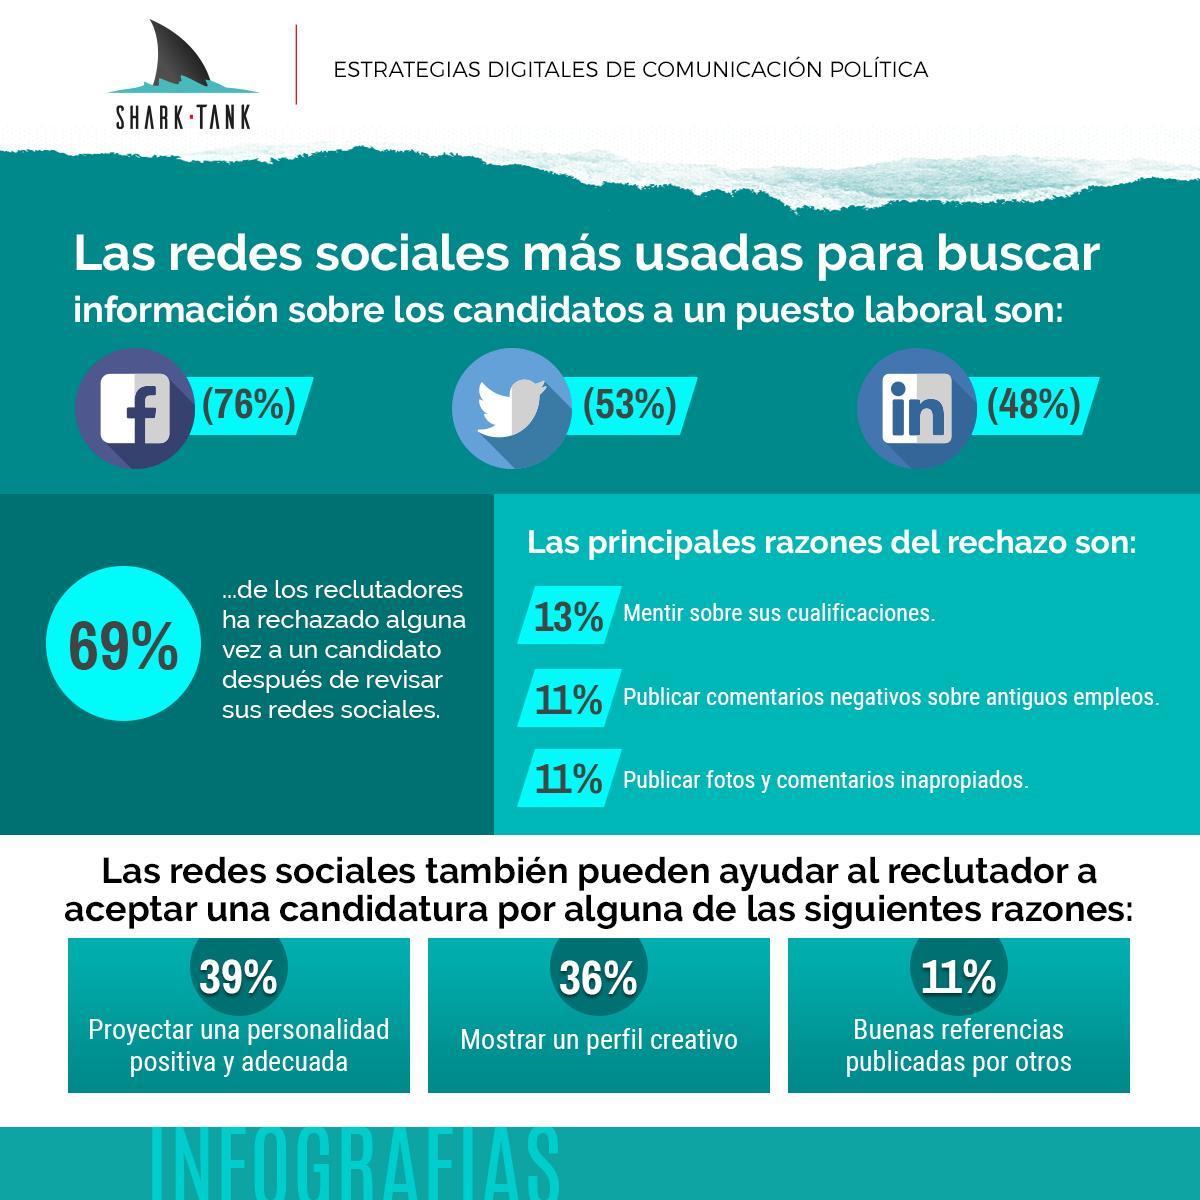 Las redes sociales se han vuelto esenciales en las entrevistas de trabajo y es que el 91% de las búsquedas de personal se hace a través de estas plataformas, que sirven para rechazar o aceptar una candidatura. https://t.co/ClWoWlATPR